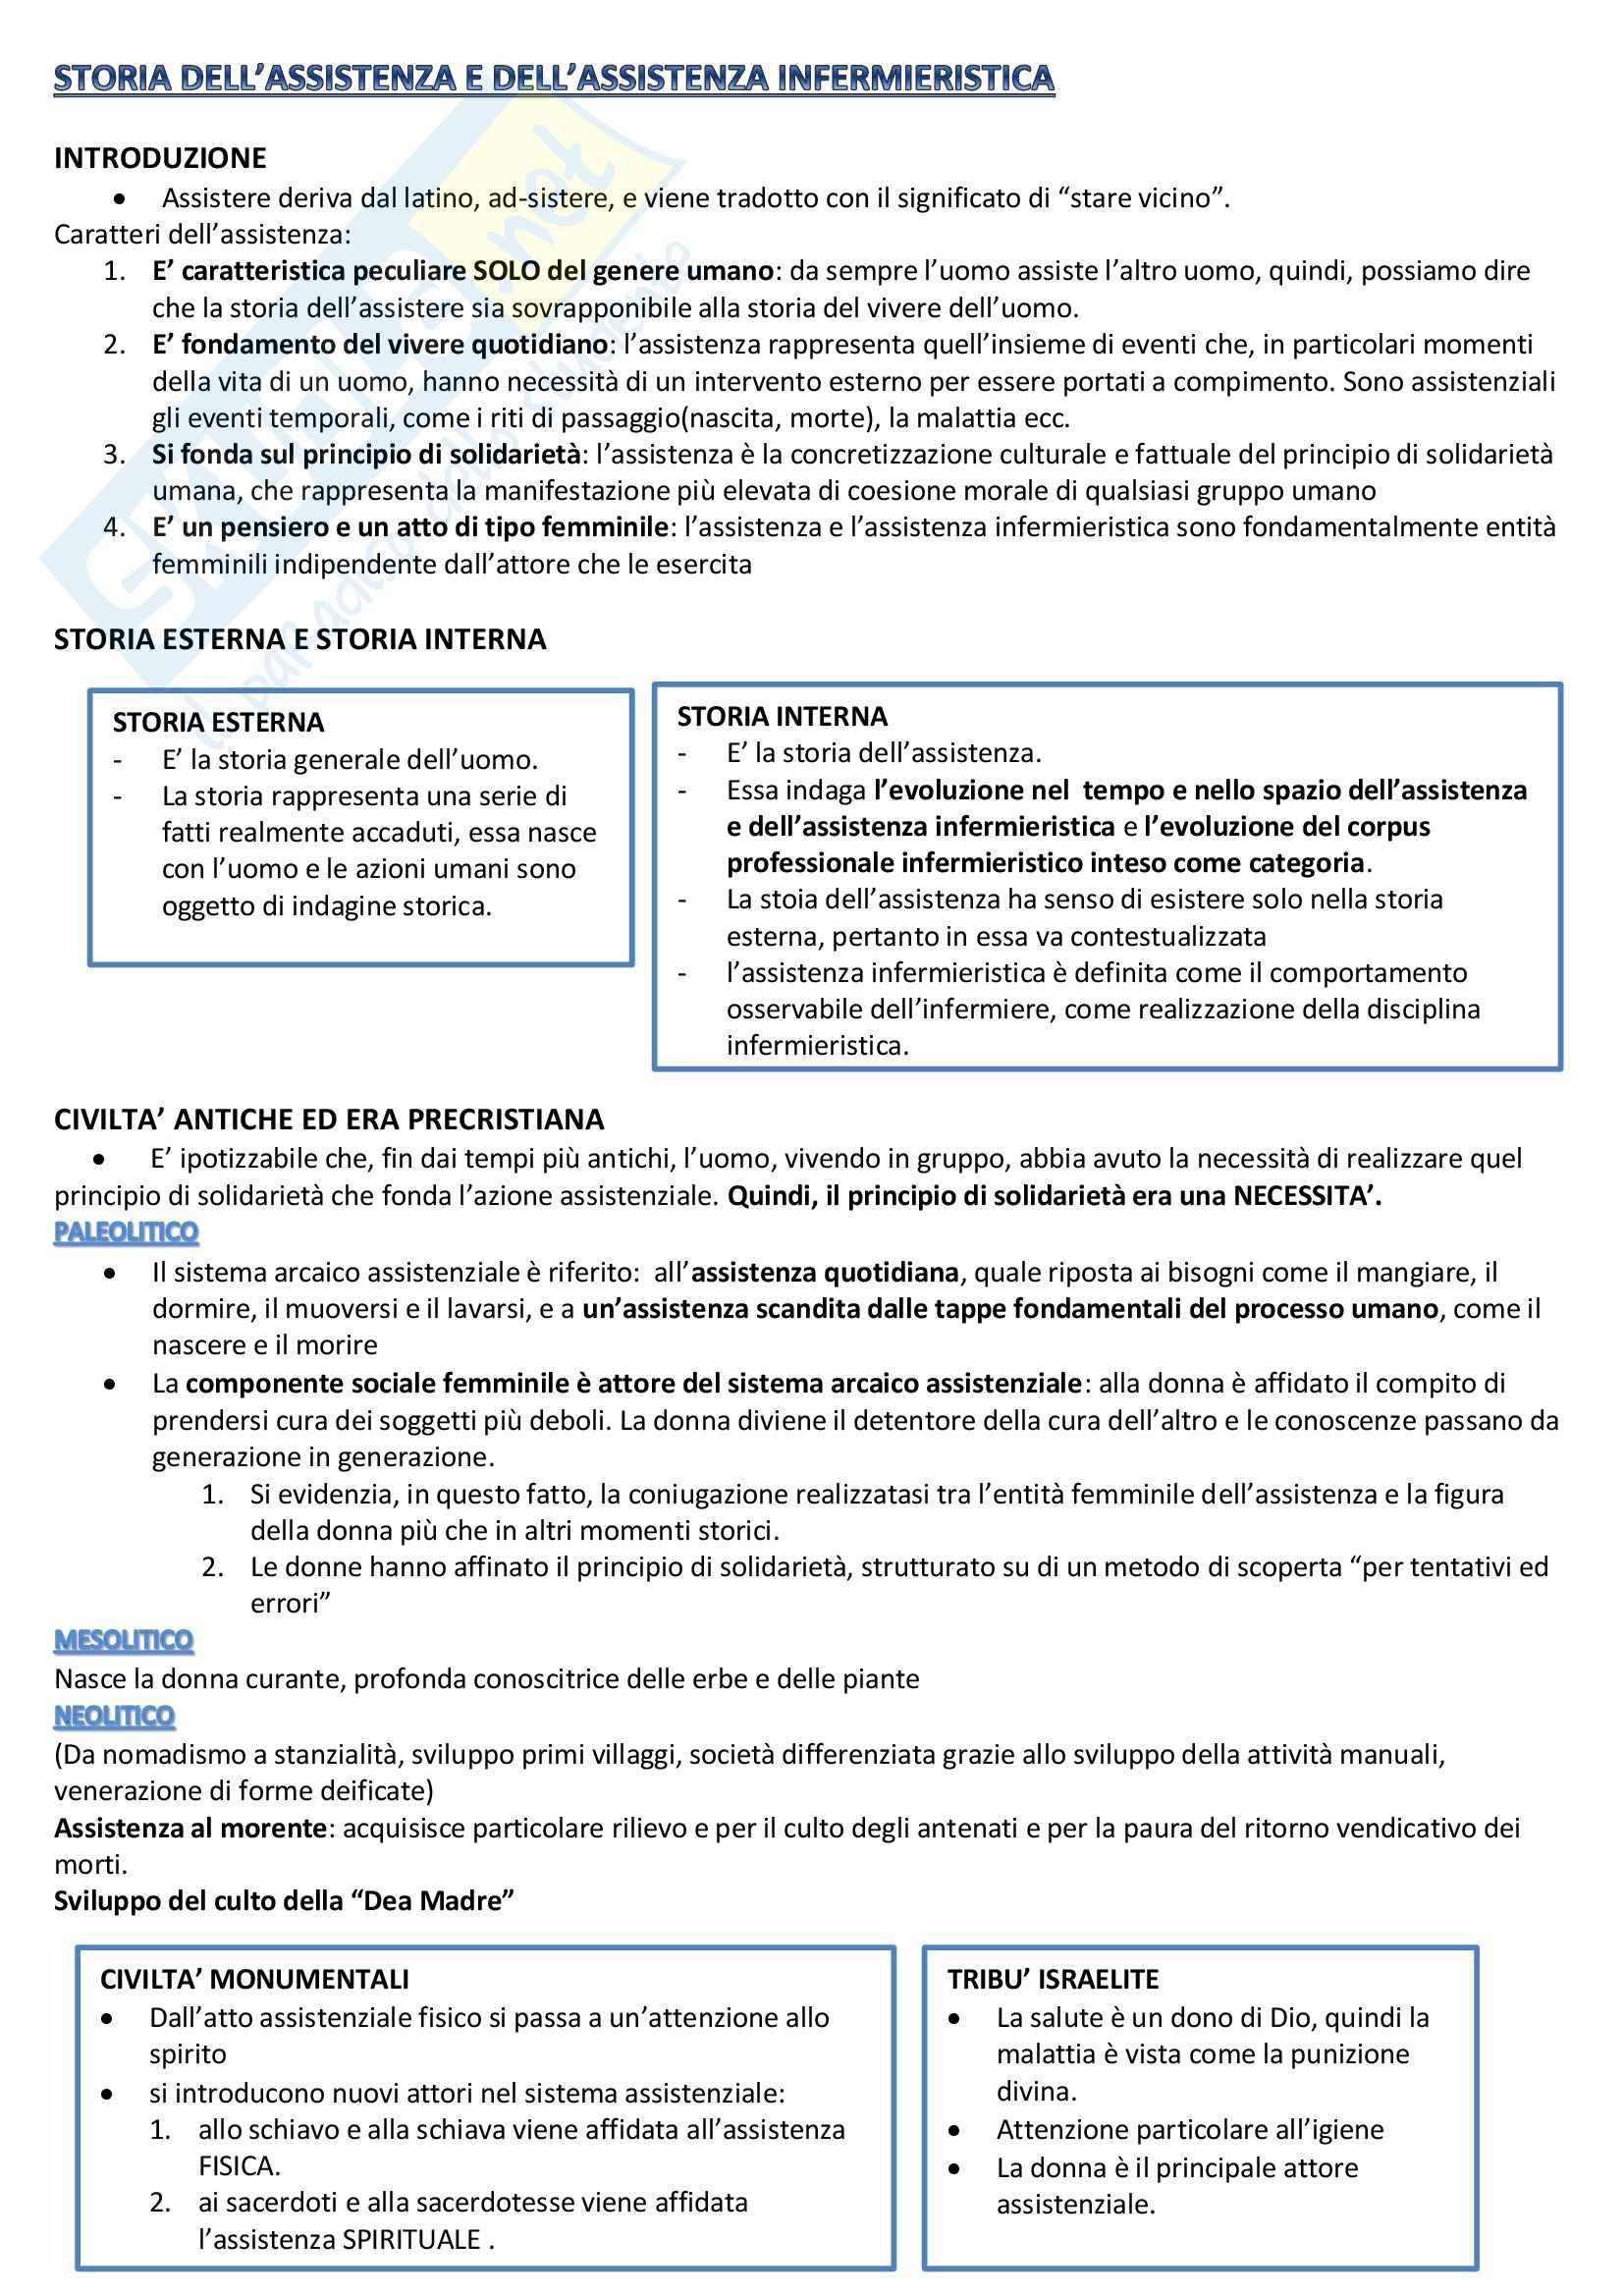 Riassunto esame Fondamenti di Scienze infermieristiche e ostetriche, prof. Citterio